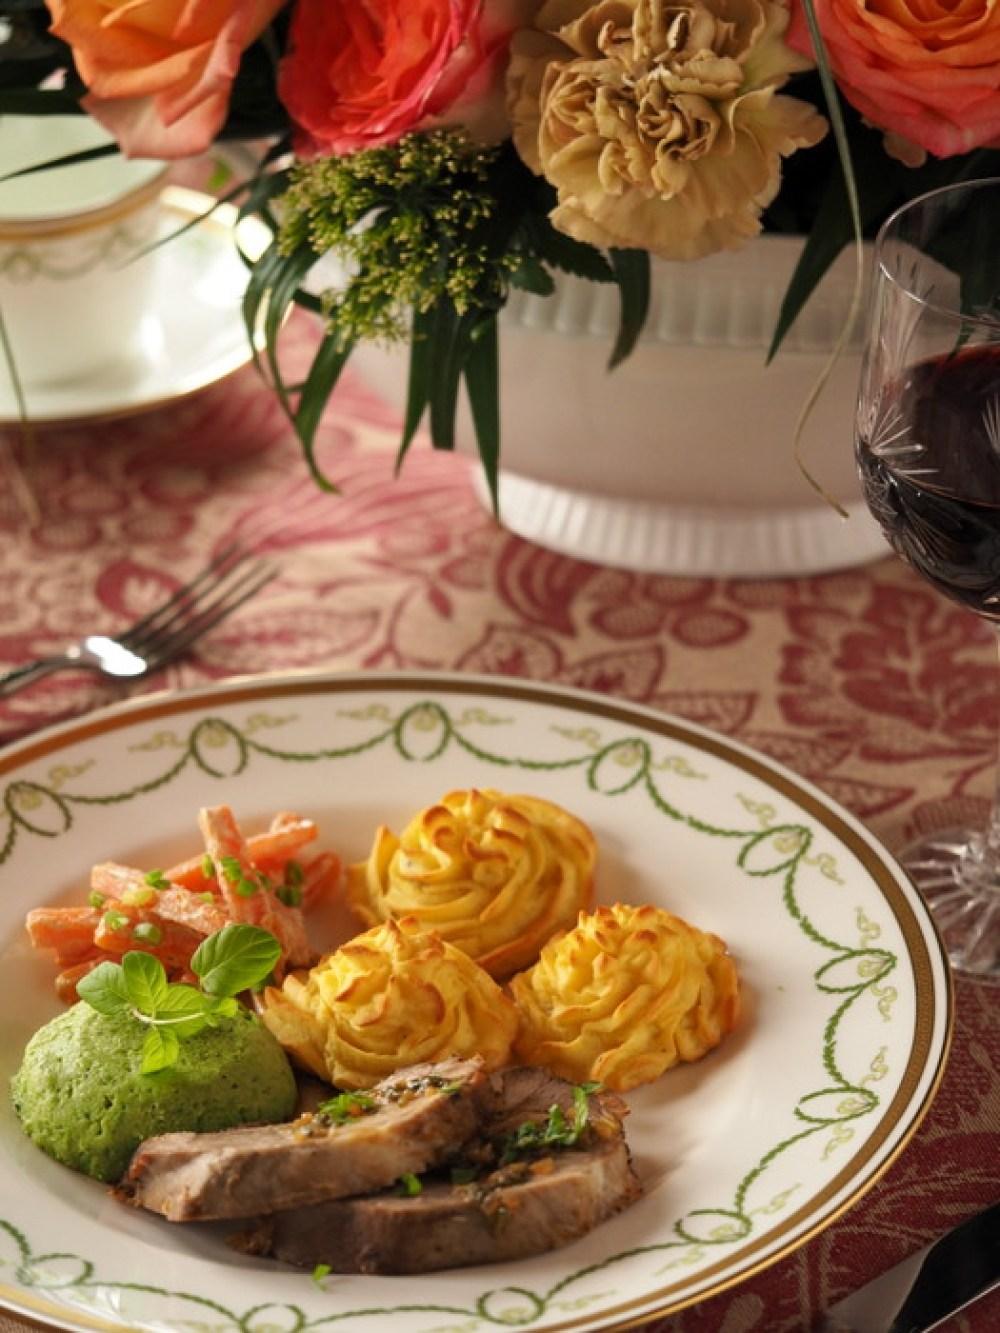 Jagnięcina w sosie miętowym, ziemniaczki duchesse, kremowana marchewka i mus z zielonego groszku